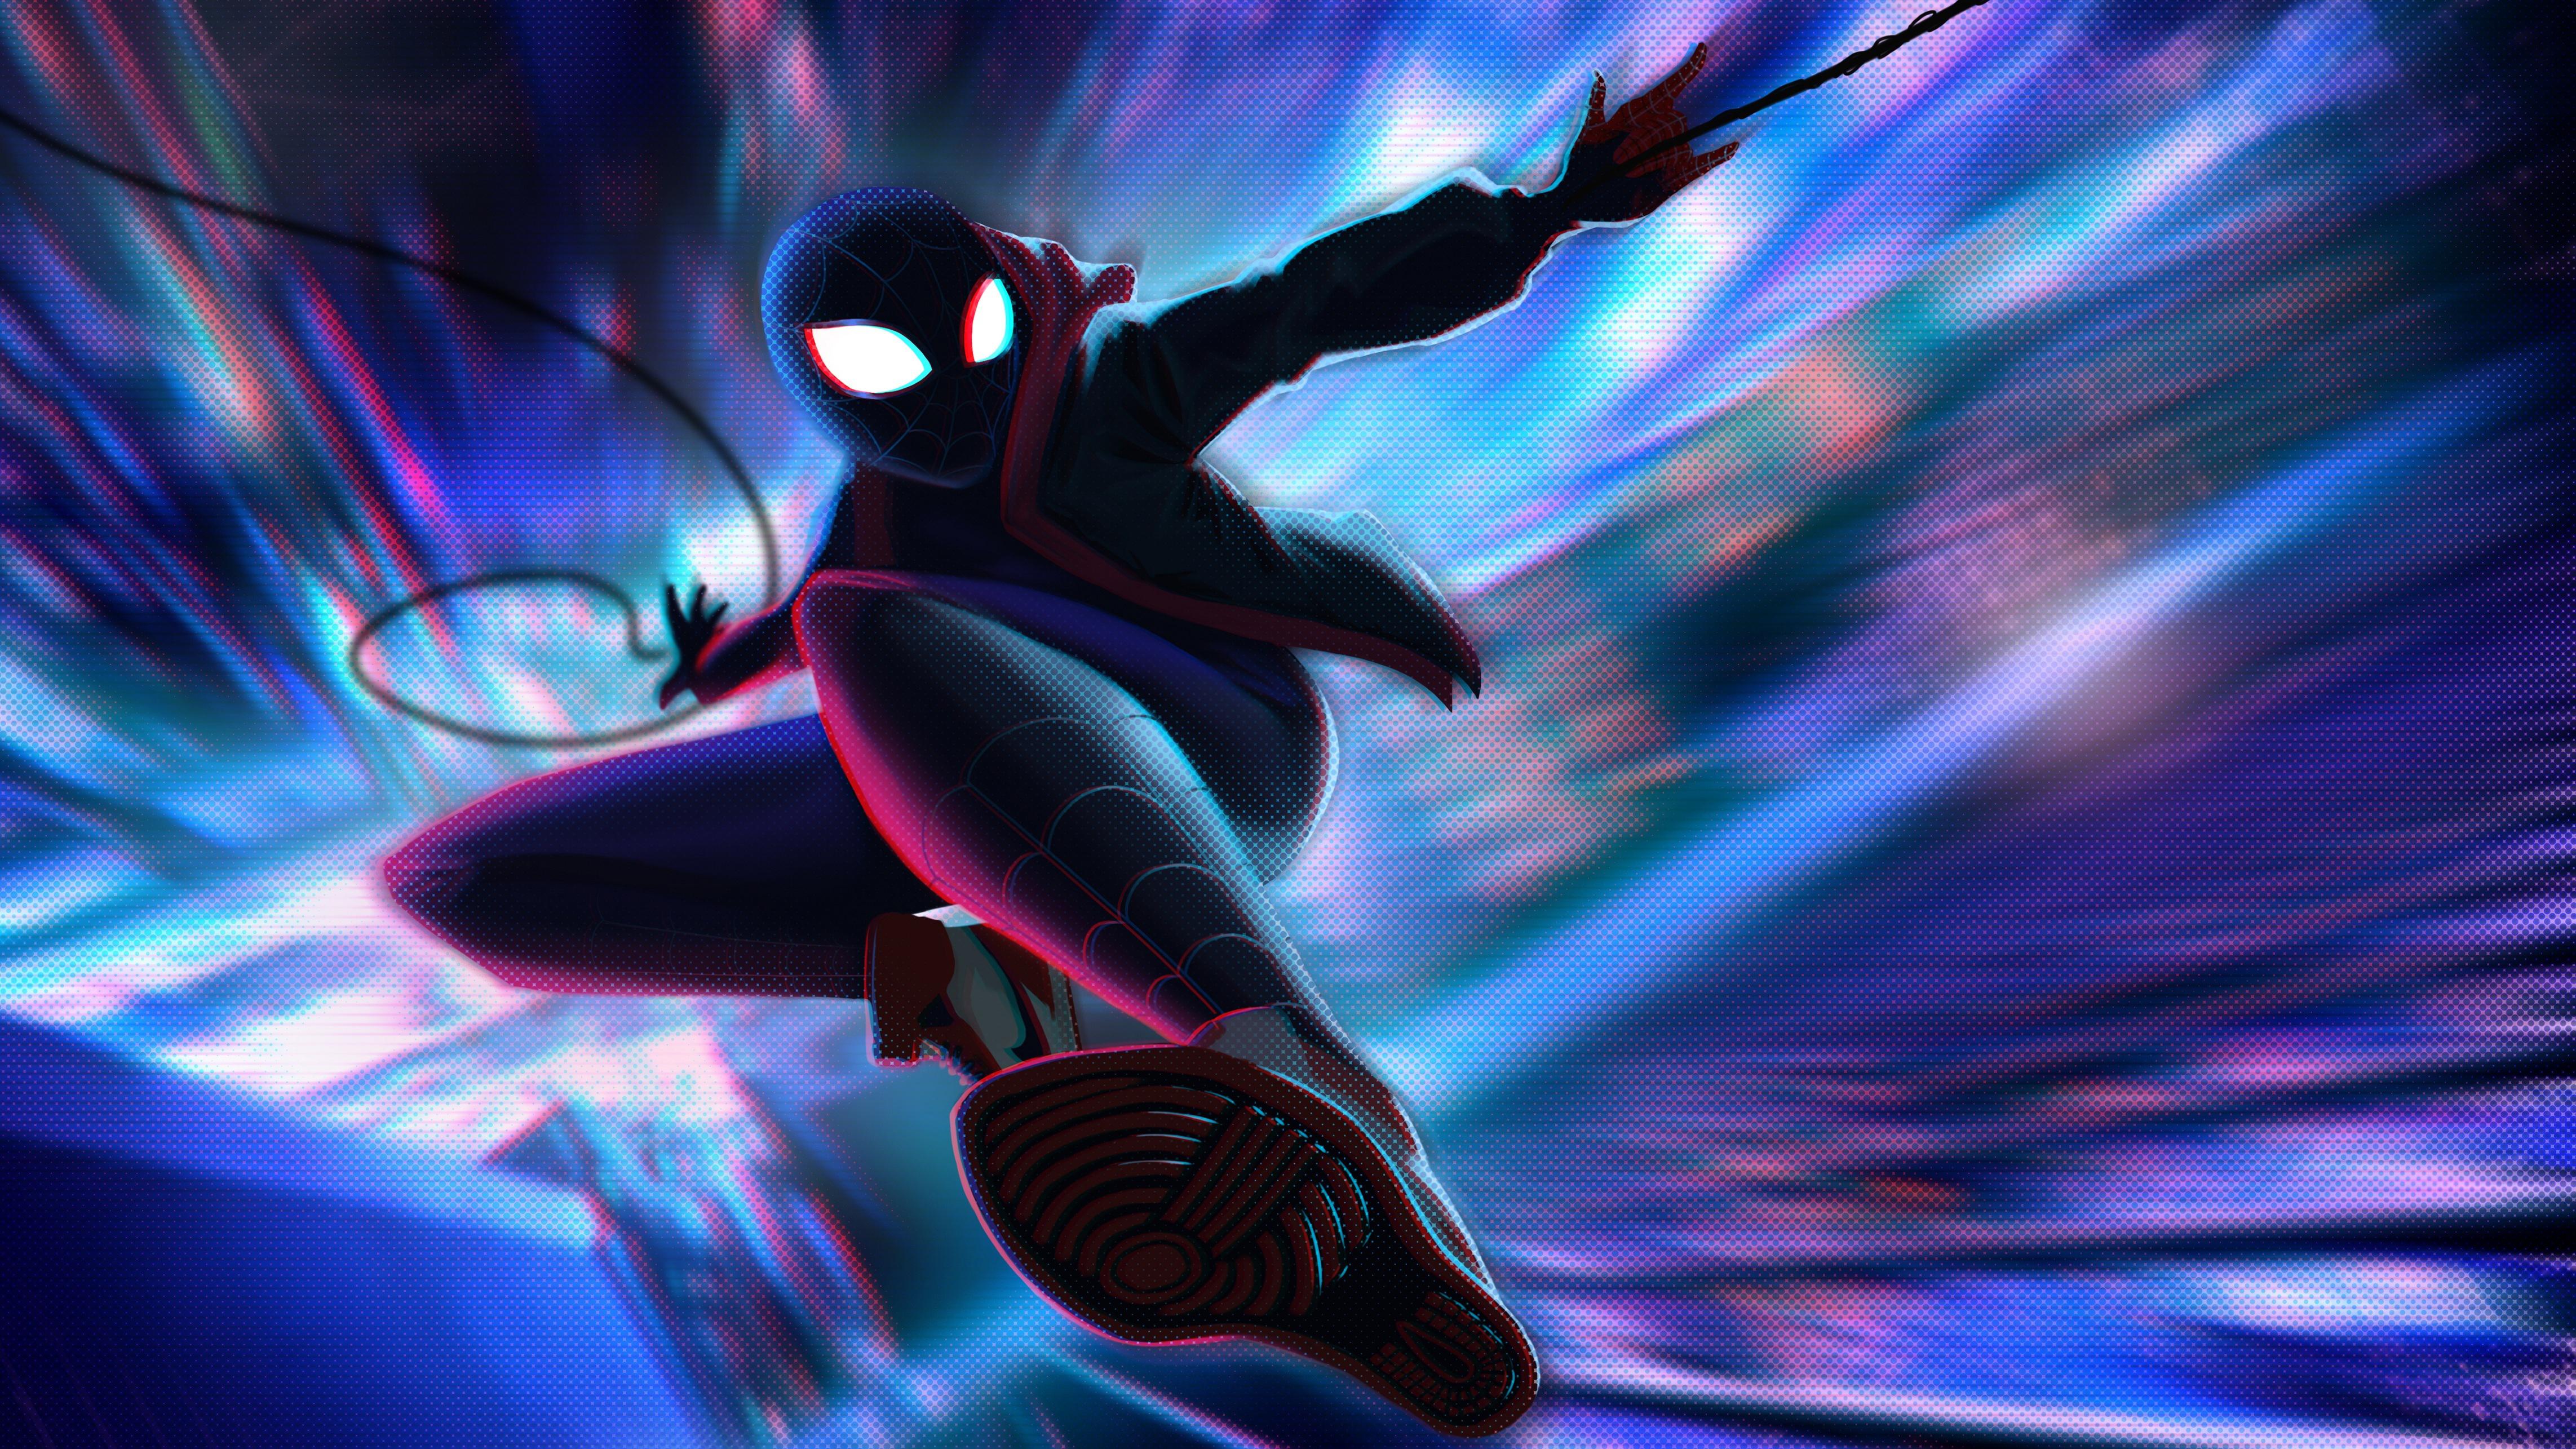 Homem Aranha No Aranhaverso 4k Ultra Papel De Parede Hd Plano